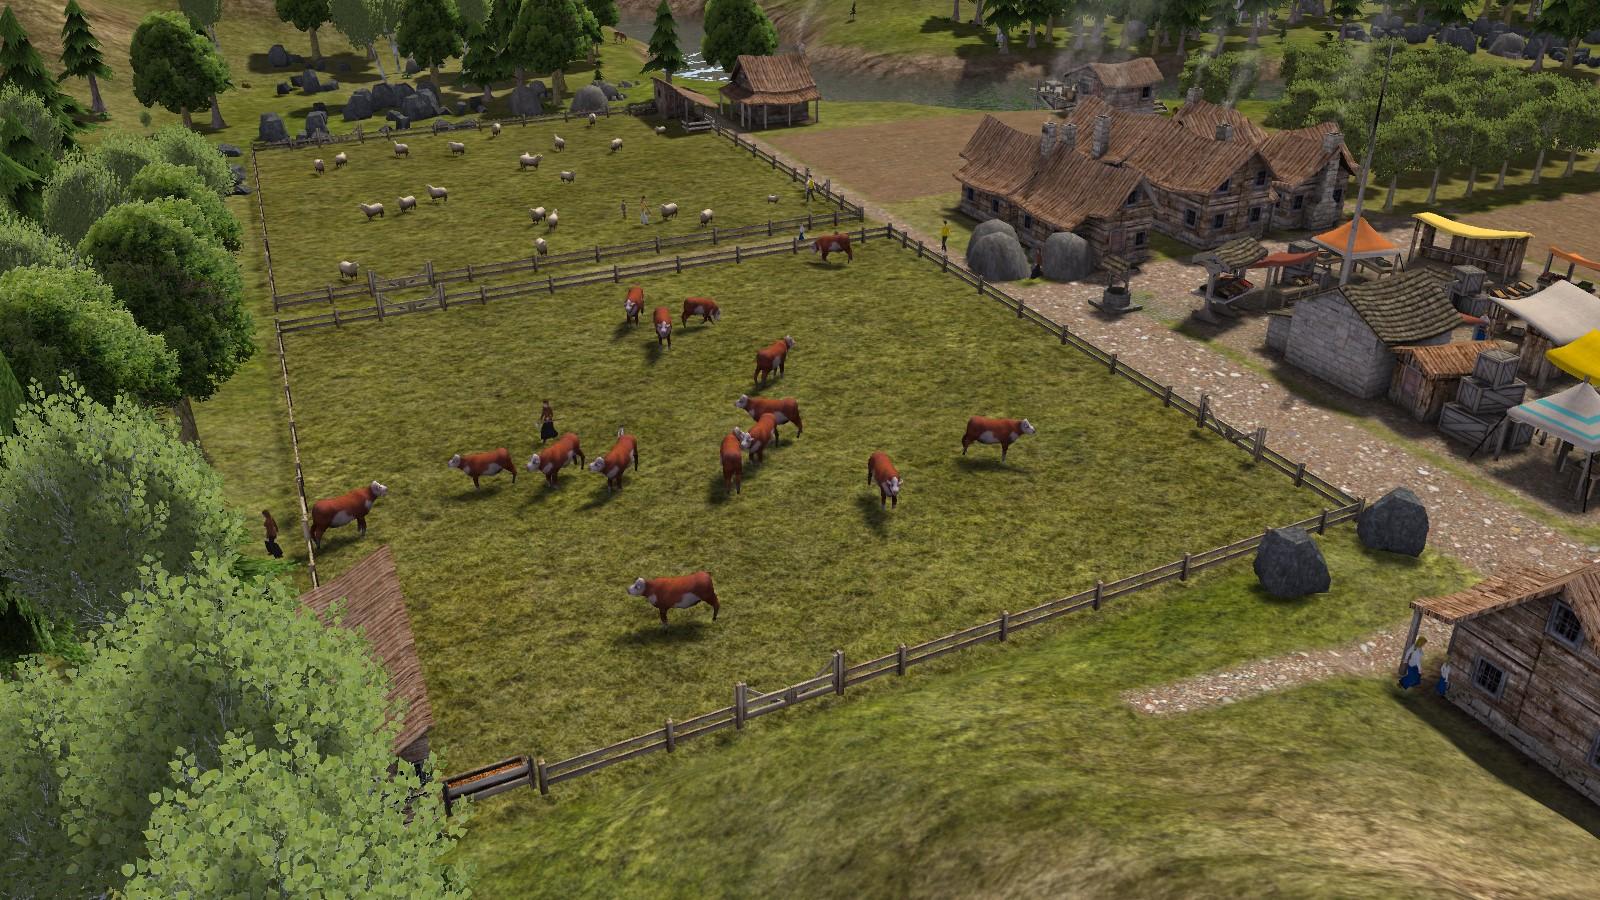 download banished v1.0.7 1.0.8 build 170320 crack 3dm city builder building base farm management survival genre games kumpulbagi kutucugum partagora